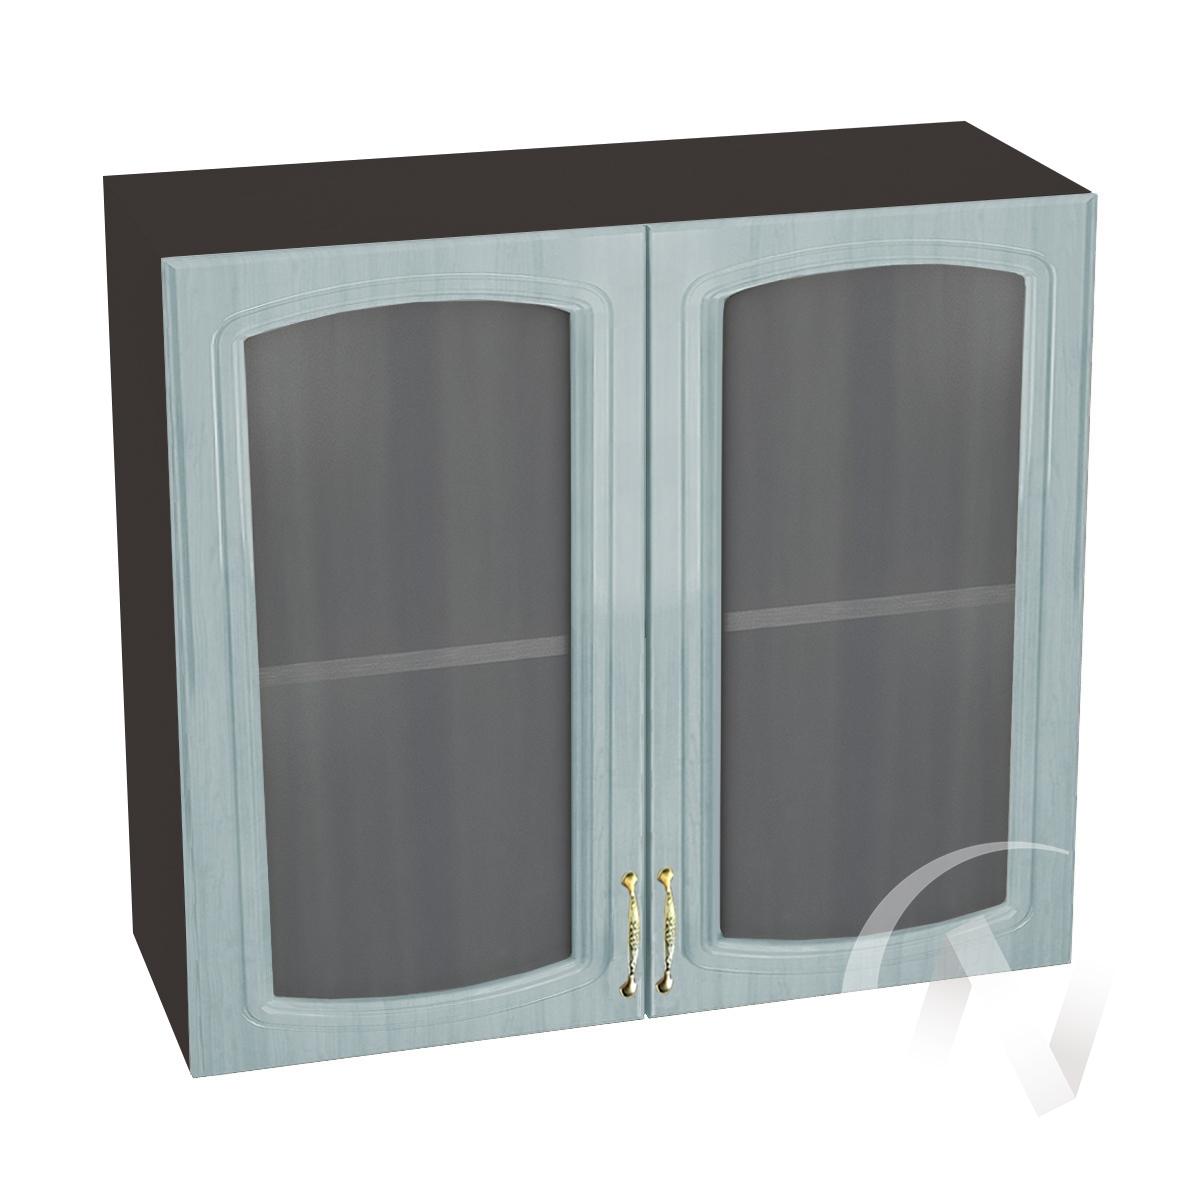 """Купить кухня """"сити"""": шкаф верхний со стеклом 800, швс 800 (корпус венге) в Новосибирске в интернет-магазине Мебель плюс Техника"""